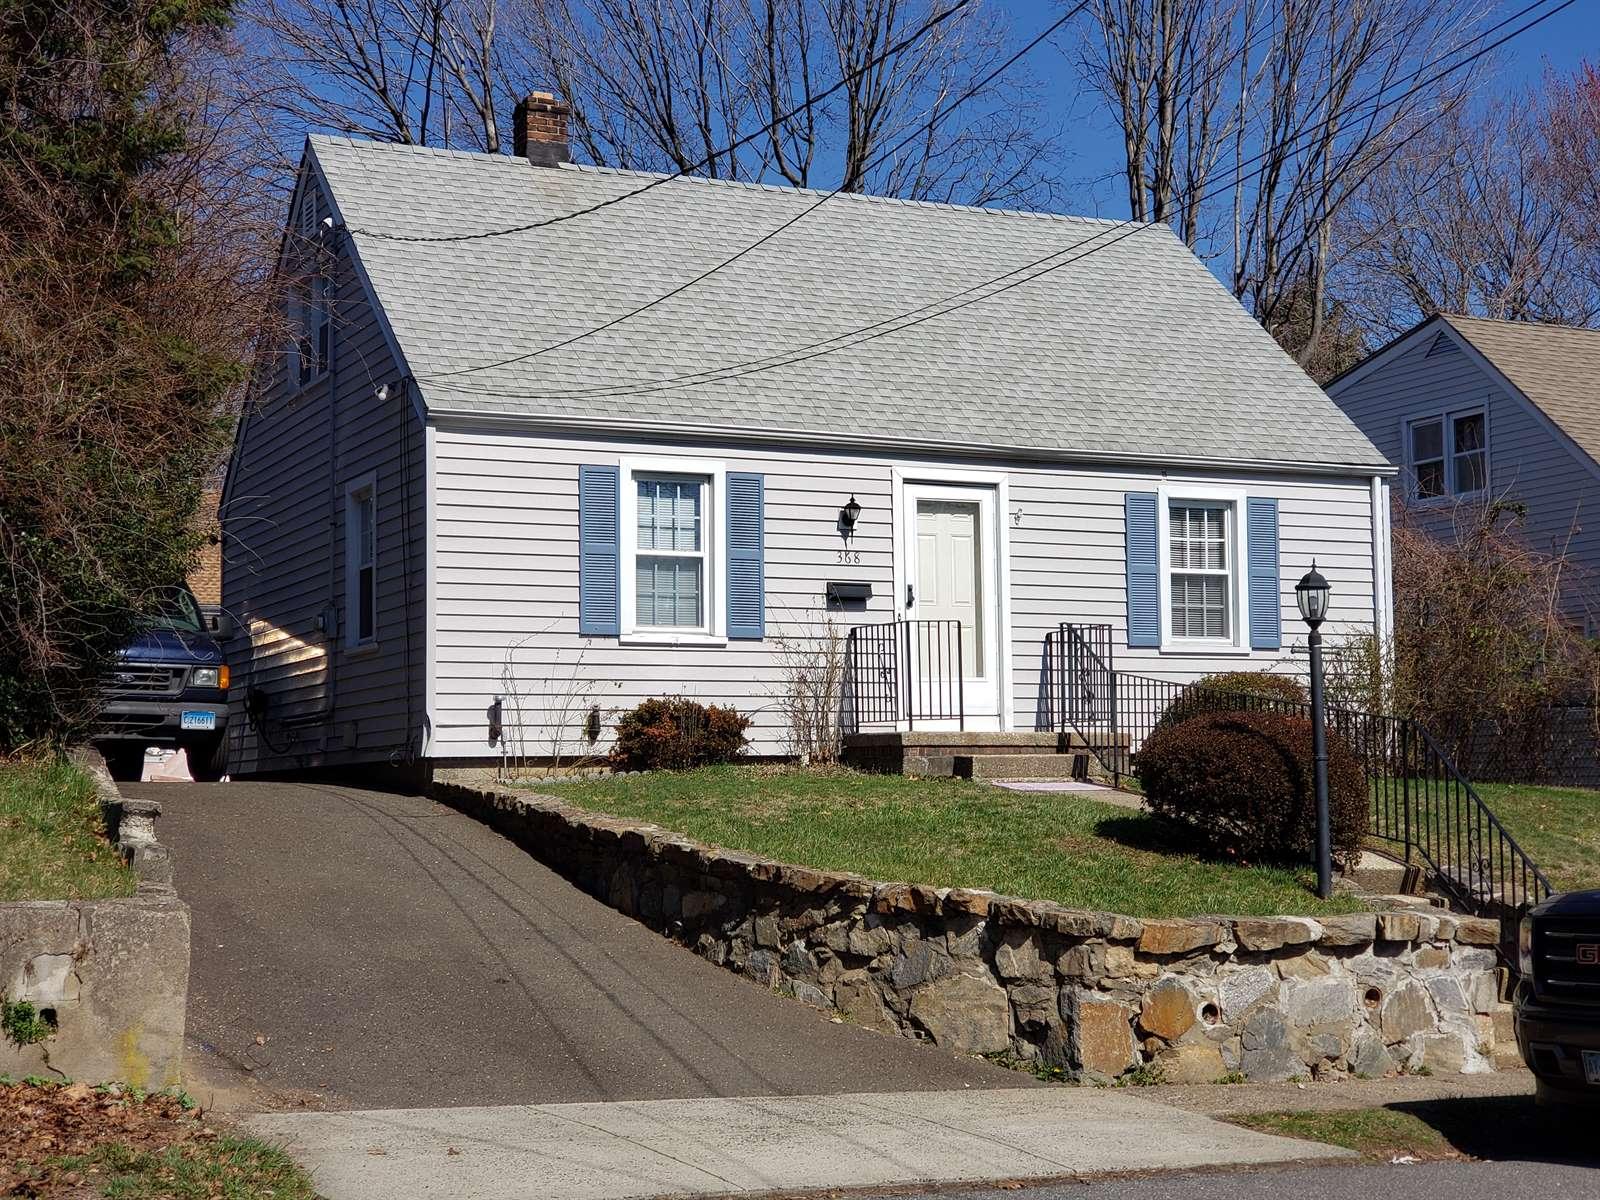 368 Queen St, Bridgeport, CT 06606